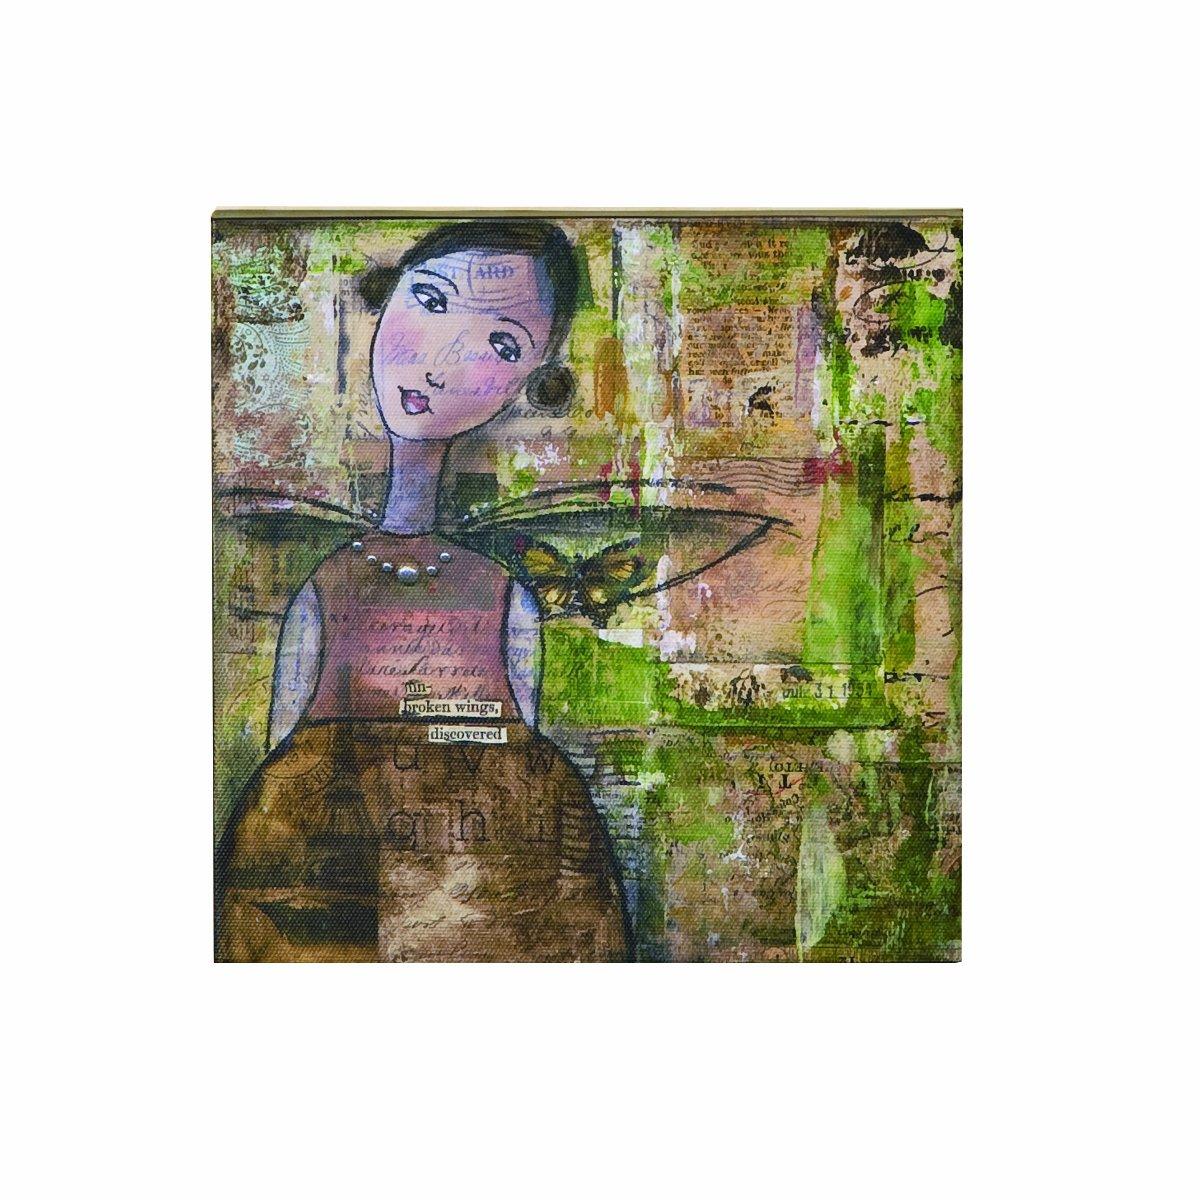 Kelly Rae Roberts Unbroken Wings Wall Art 8 by 8-Inch